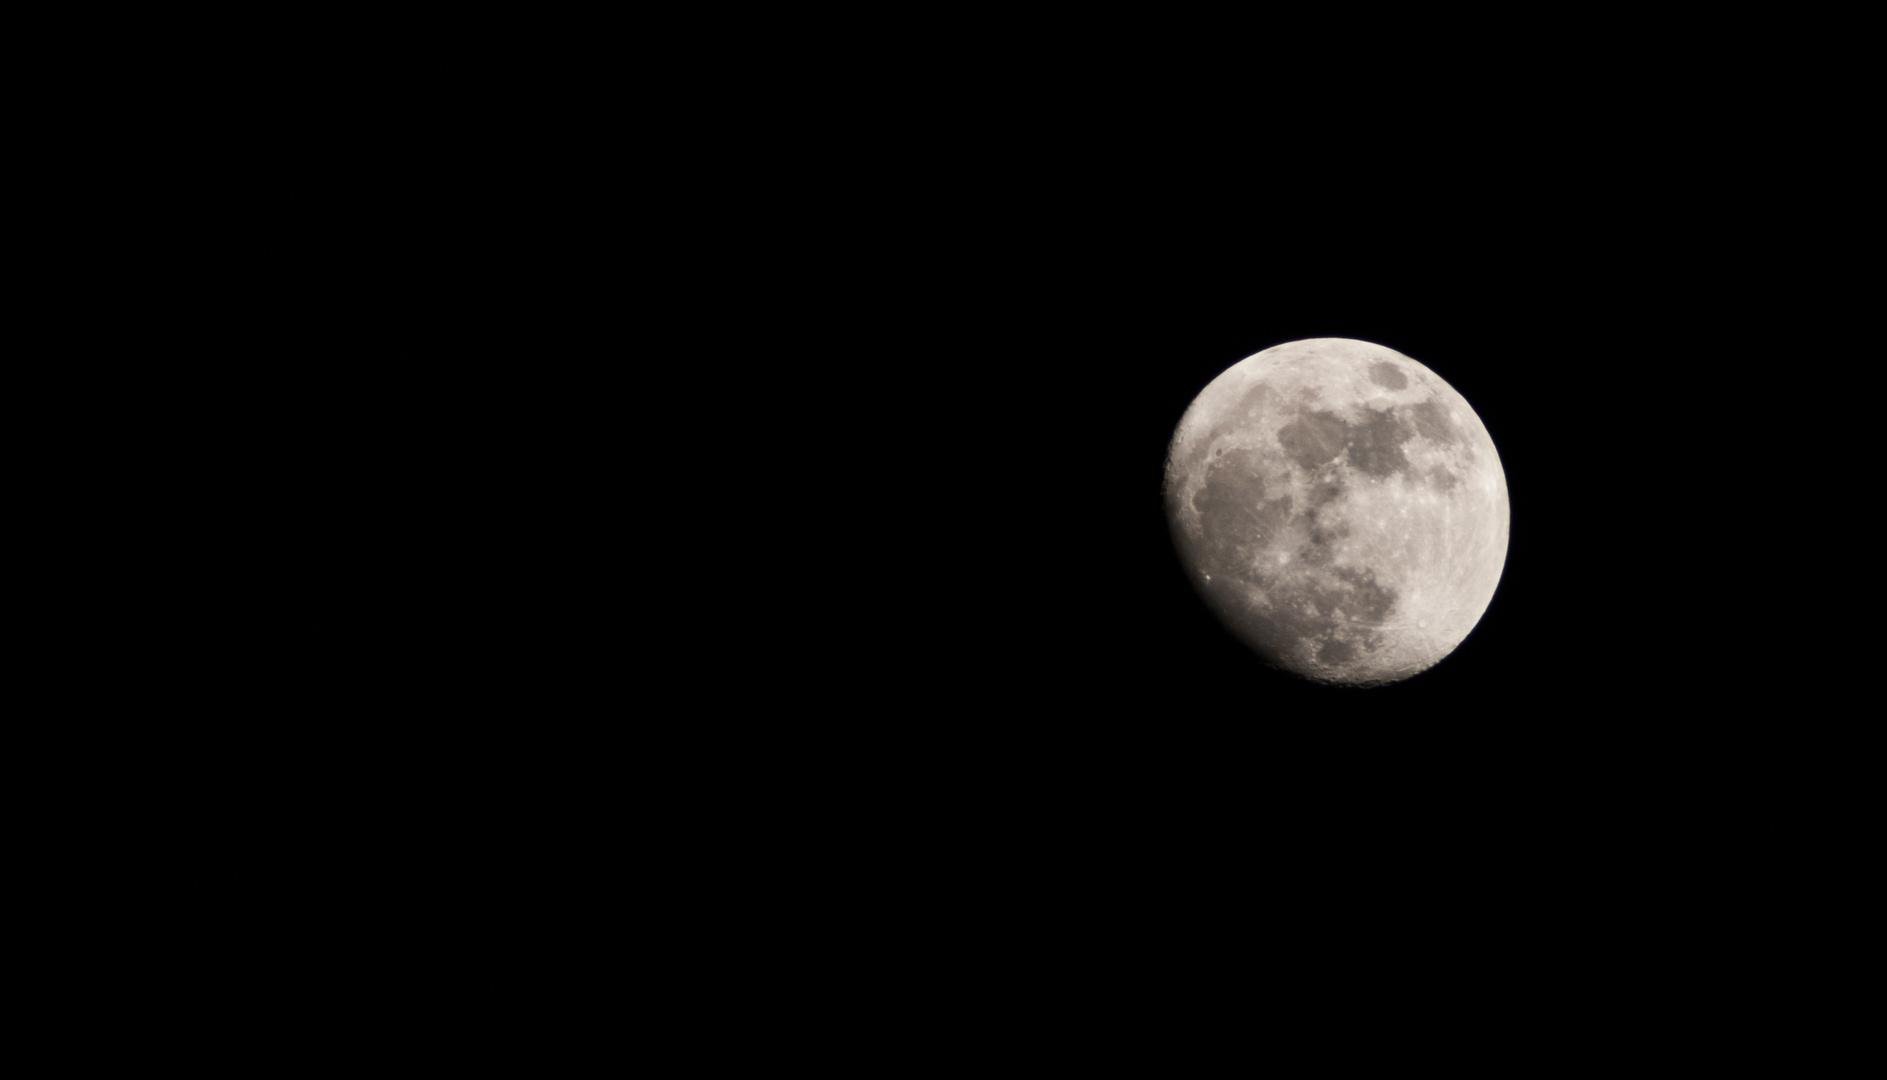 Einfach nur der Mond ...